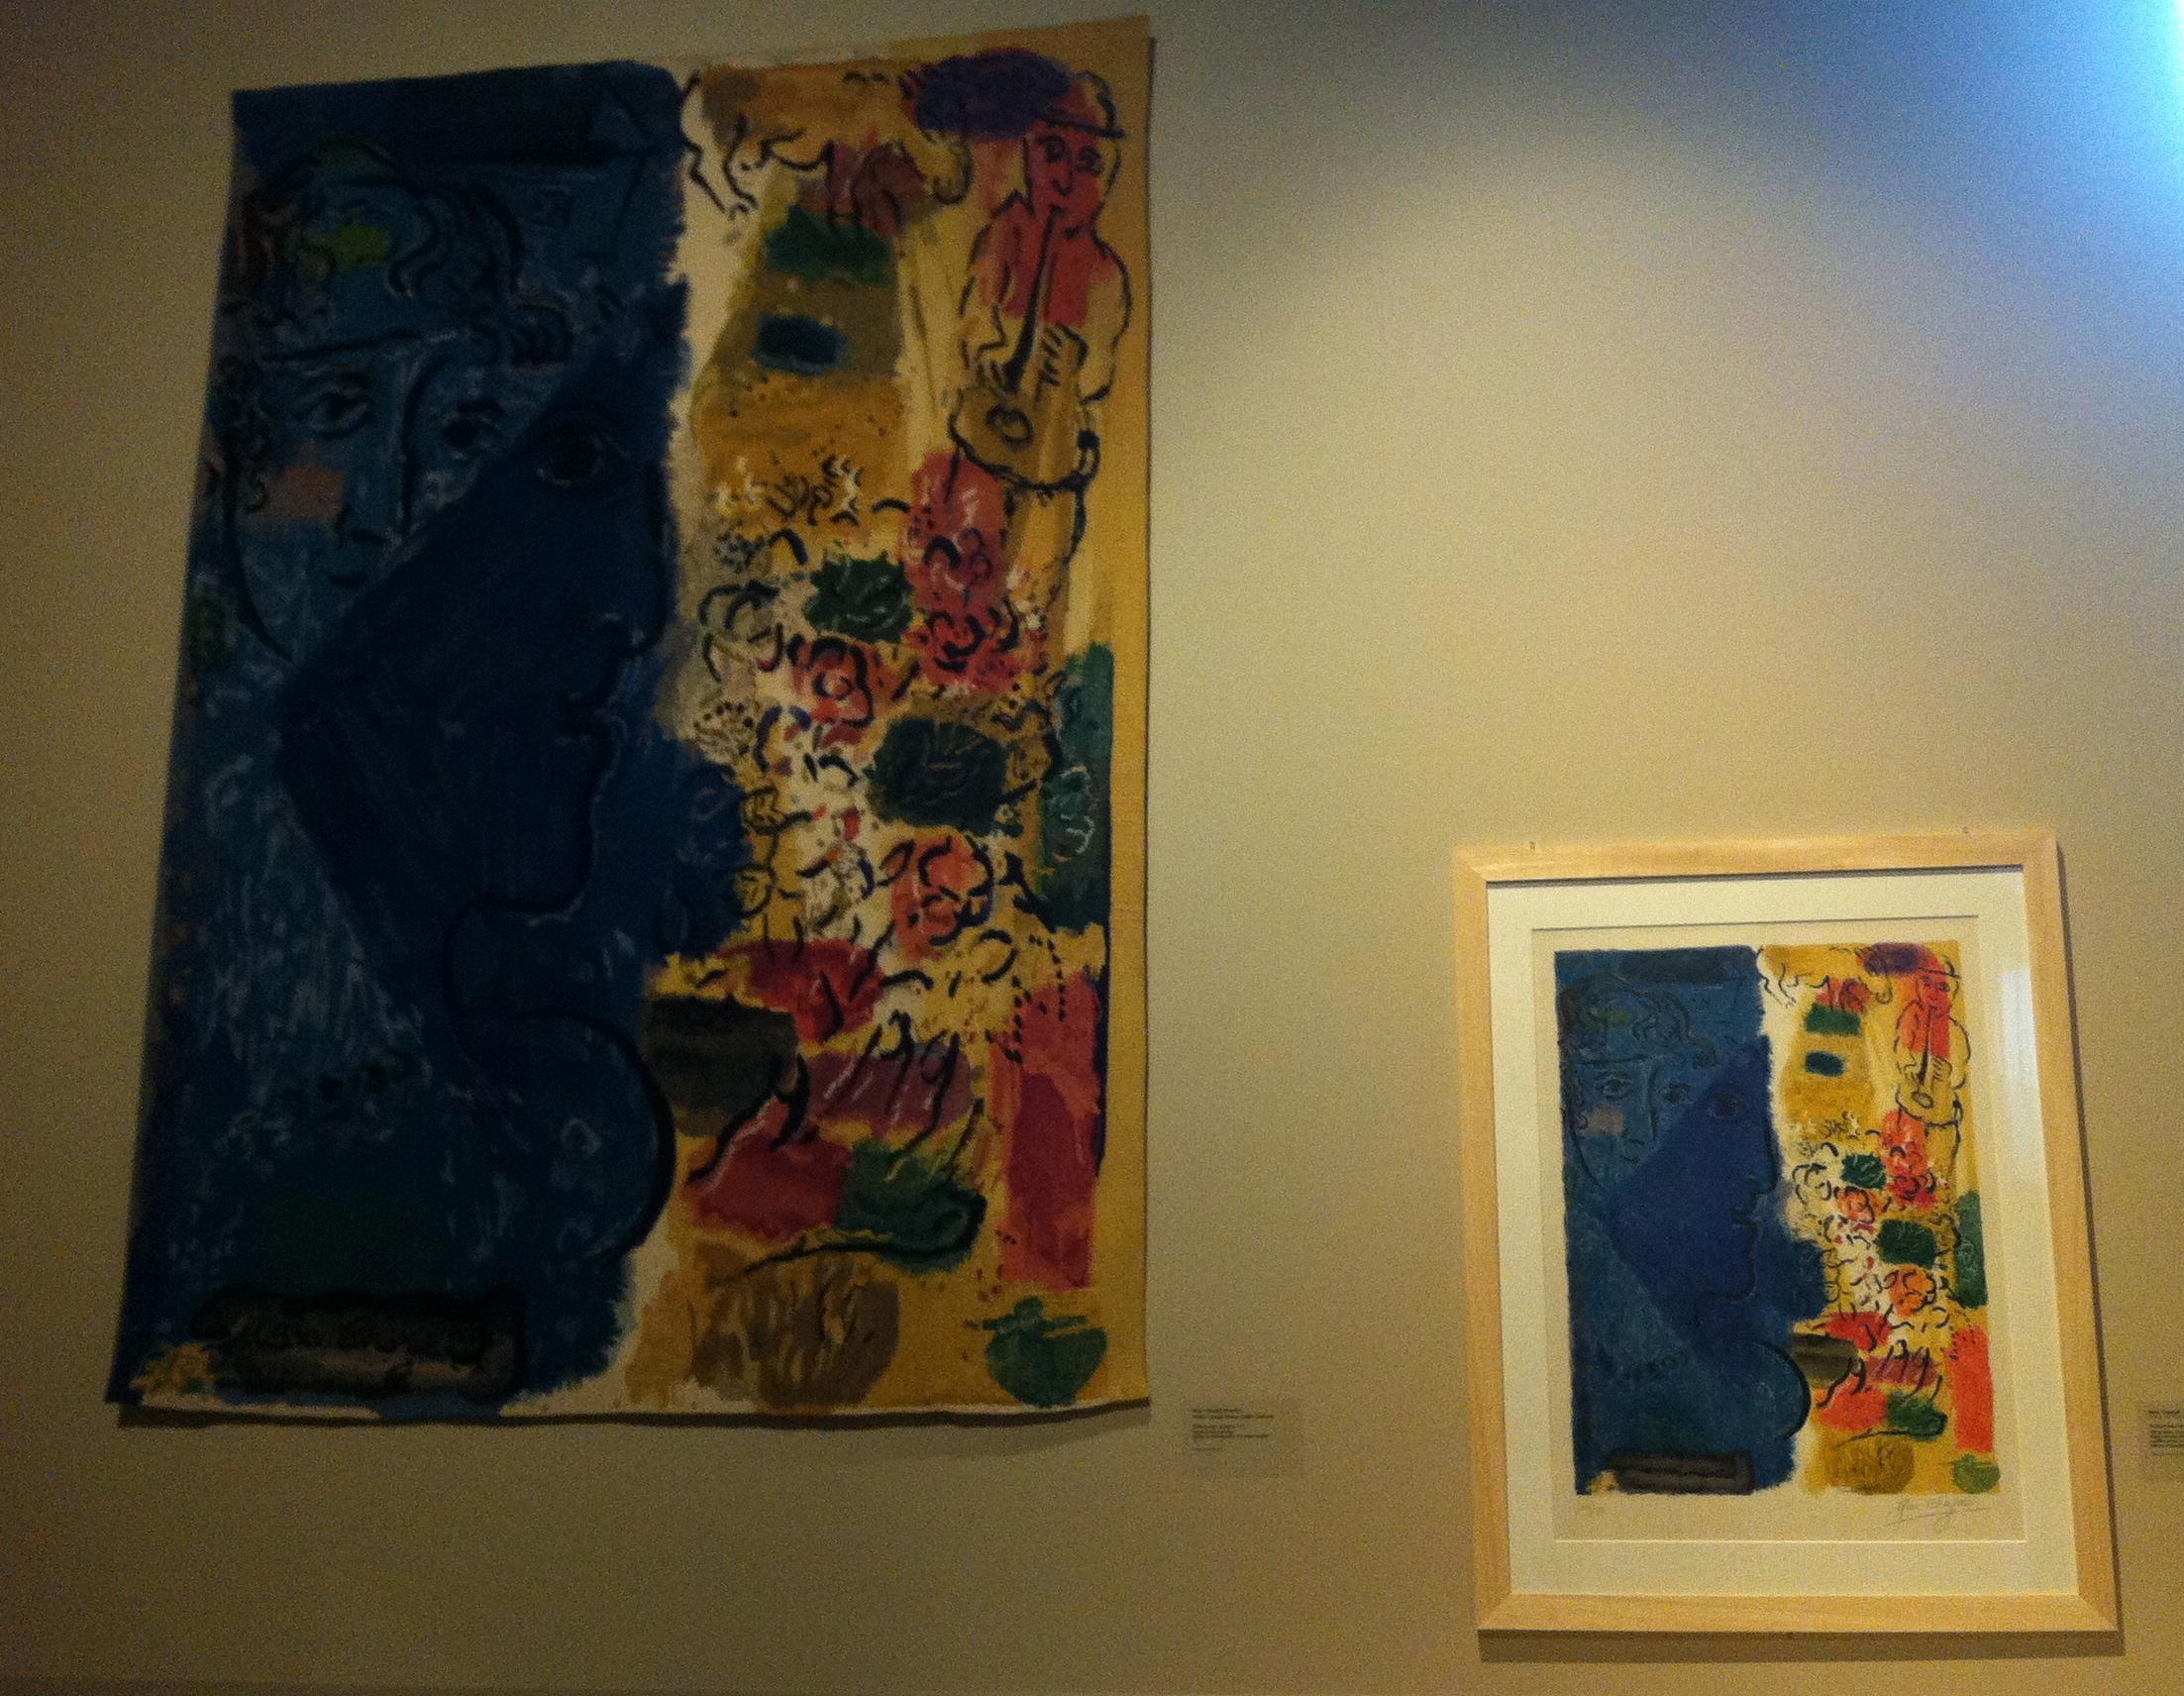 L'un des points forts de l'exposition consiste à confronter l'original de Chagal avec sa reproduction tissée